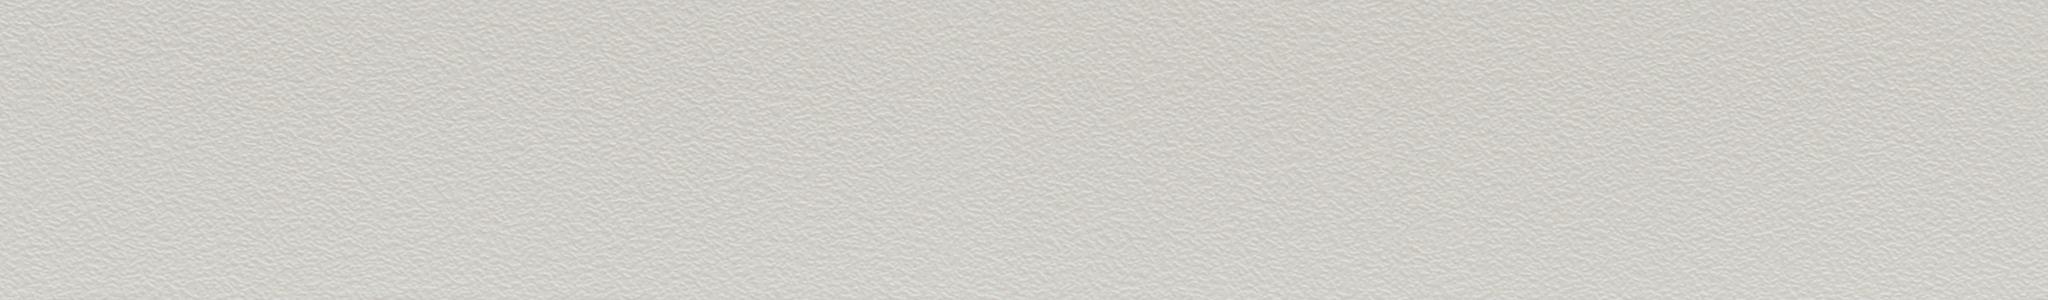 HU 171191 ABS hrana šedá Kongo perla XG